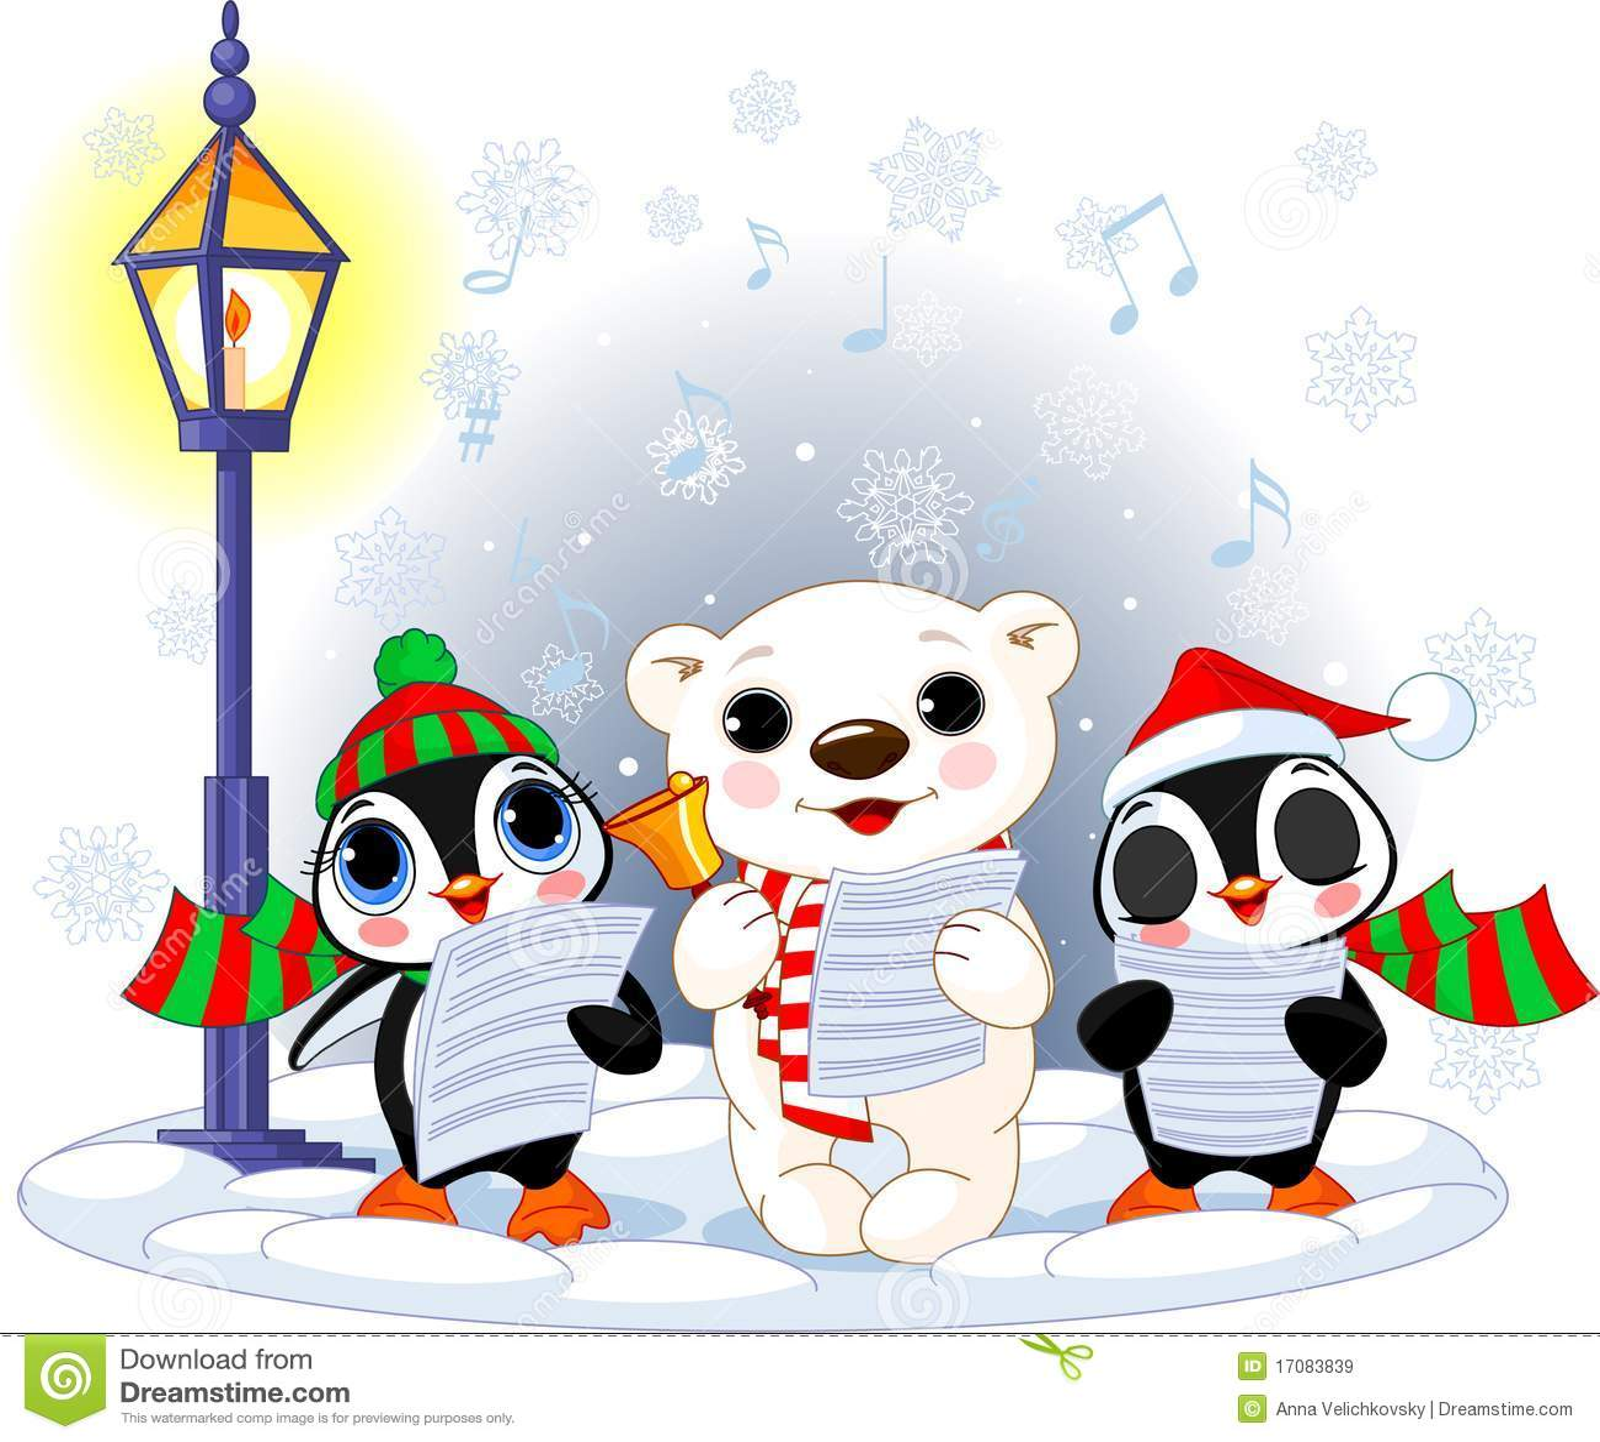 Carolers di natale orso polare e due pinguini - Pinguini di natale immagini ...